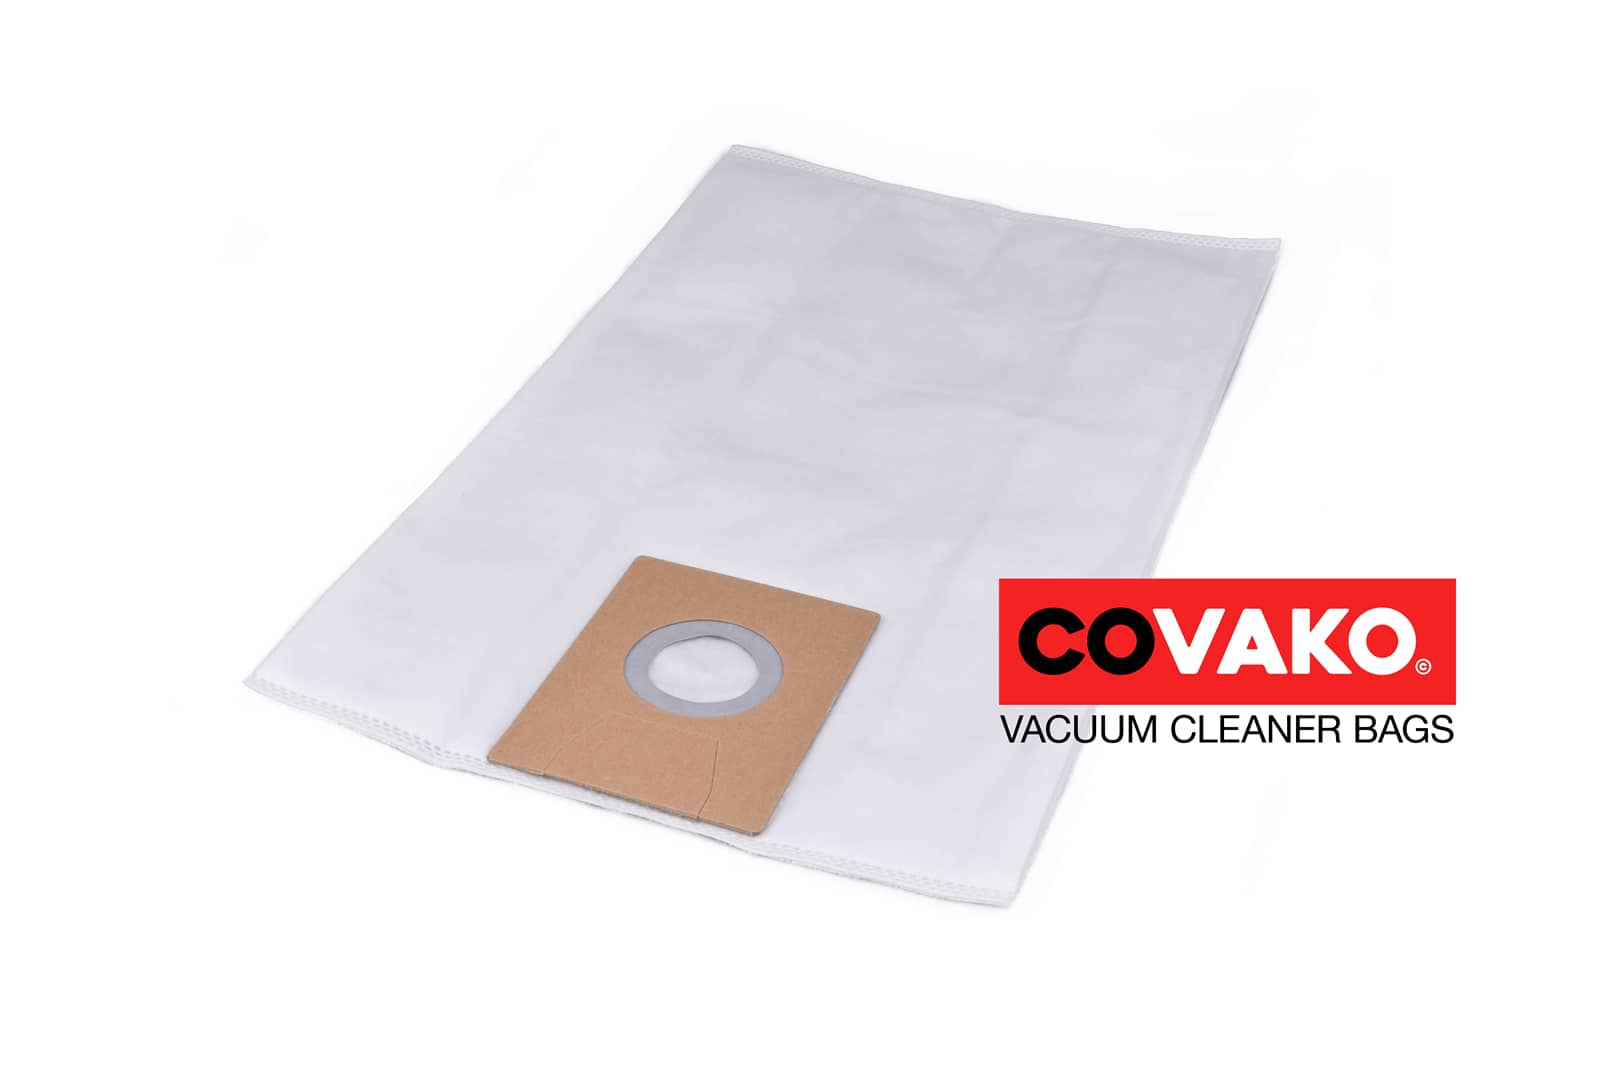 Elsea F 1003 C / Synthétique - Elsea sacs d'aspirateur